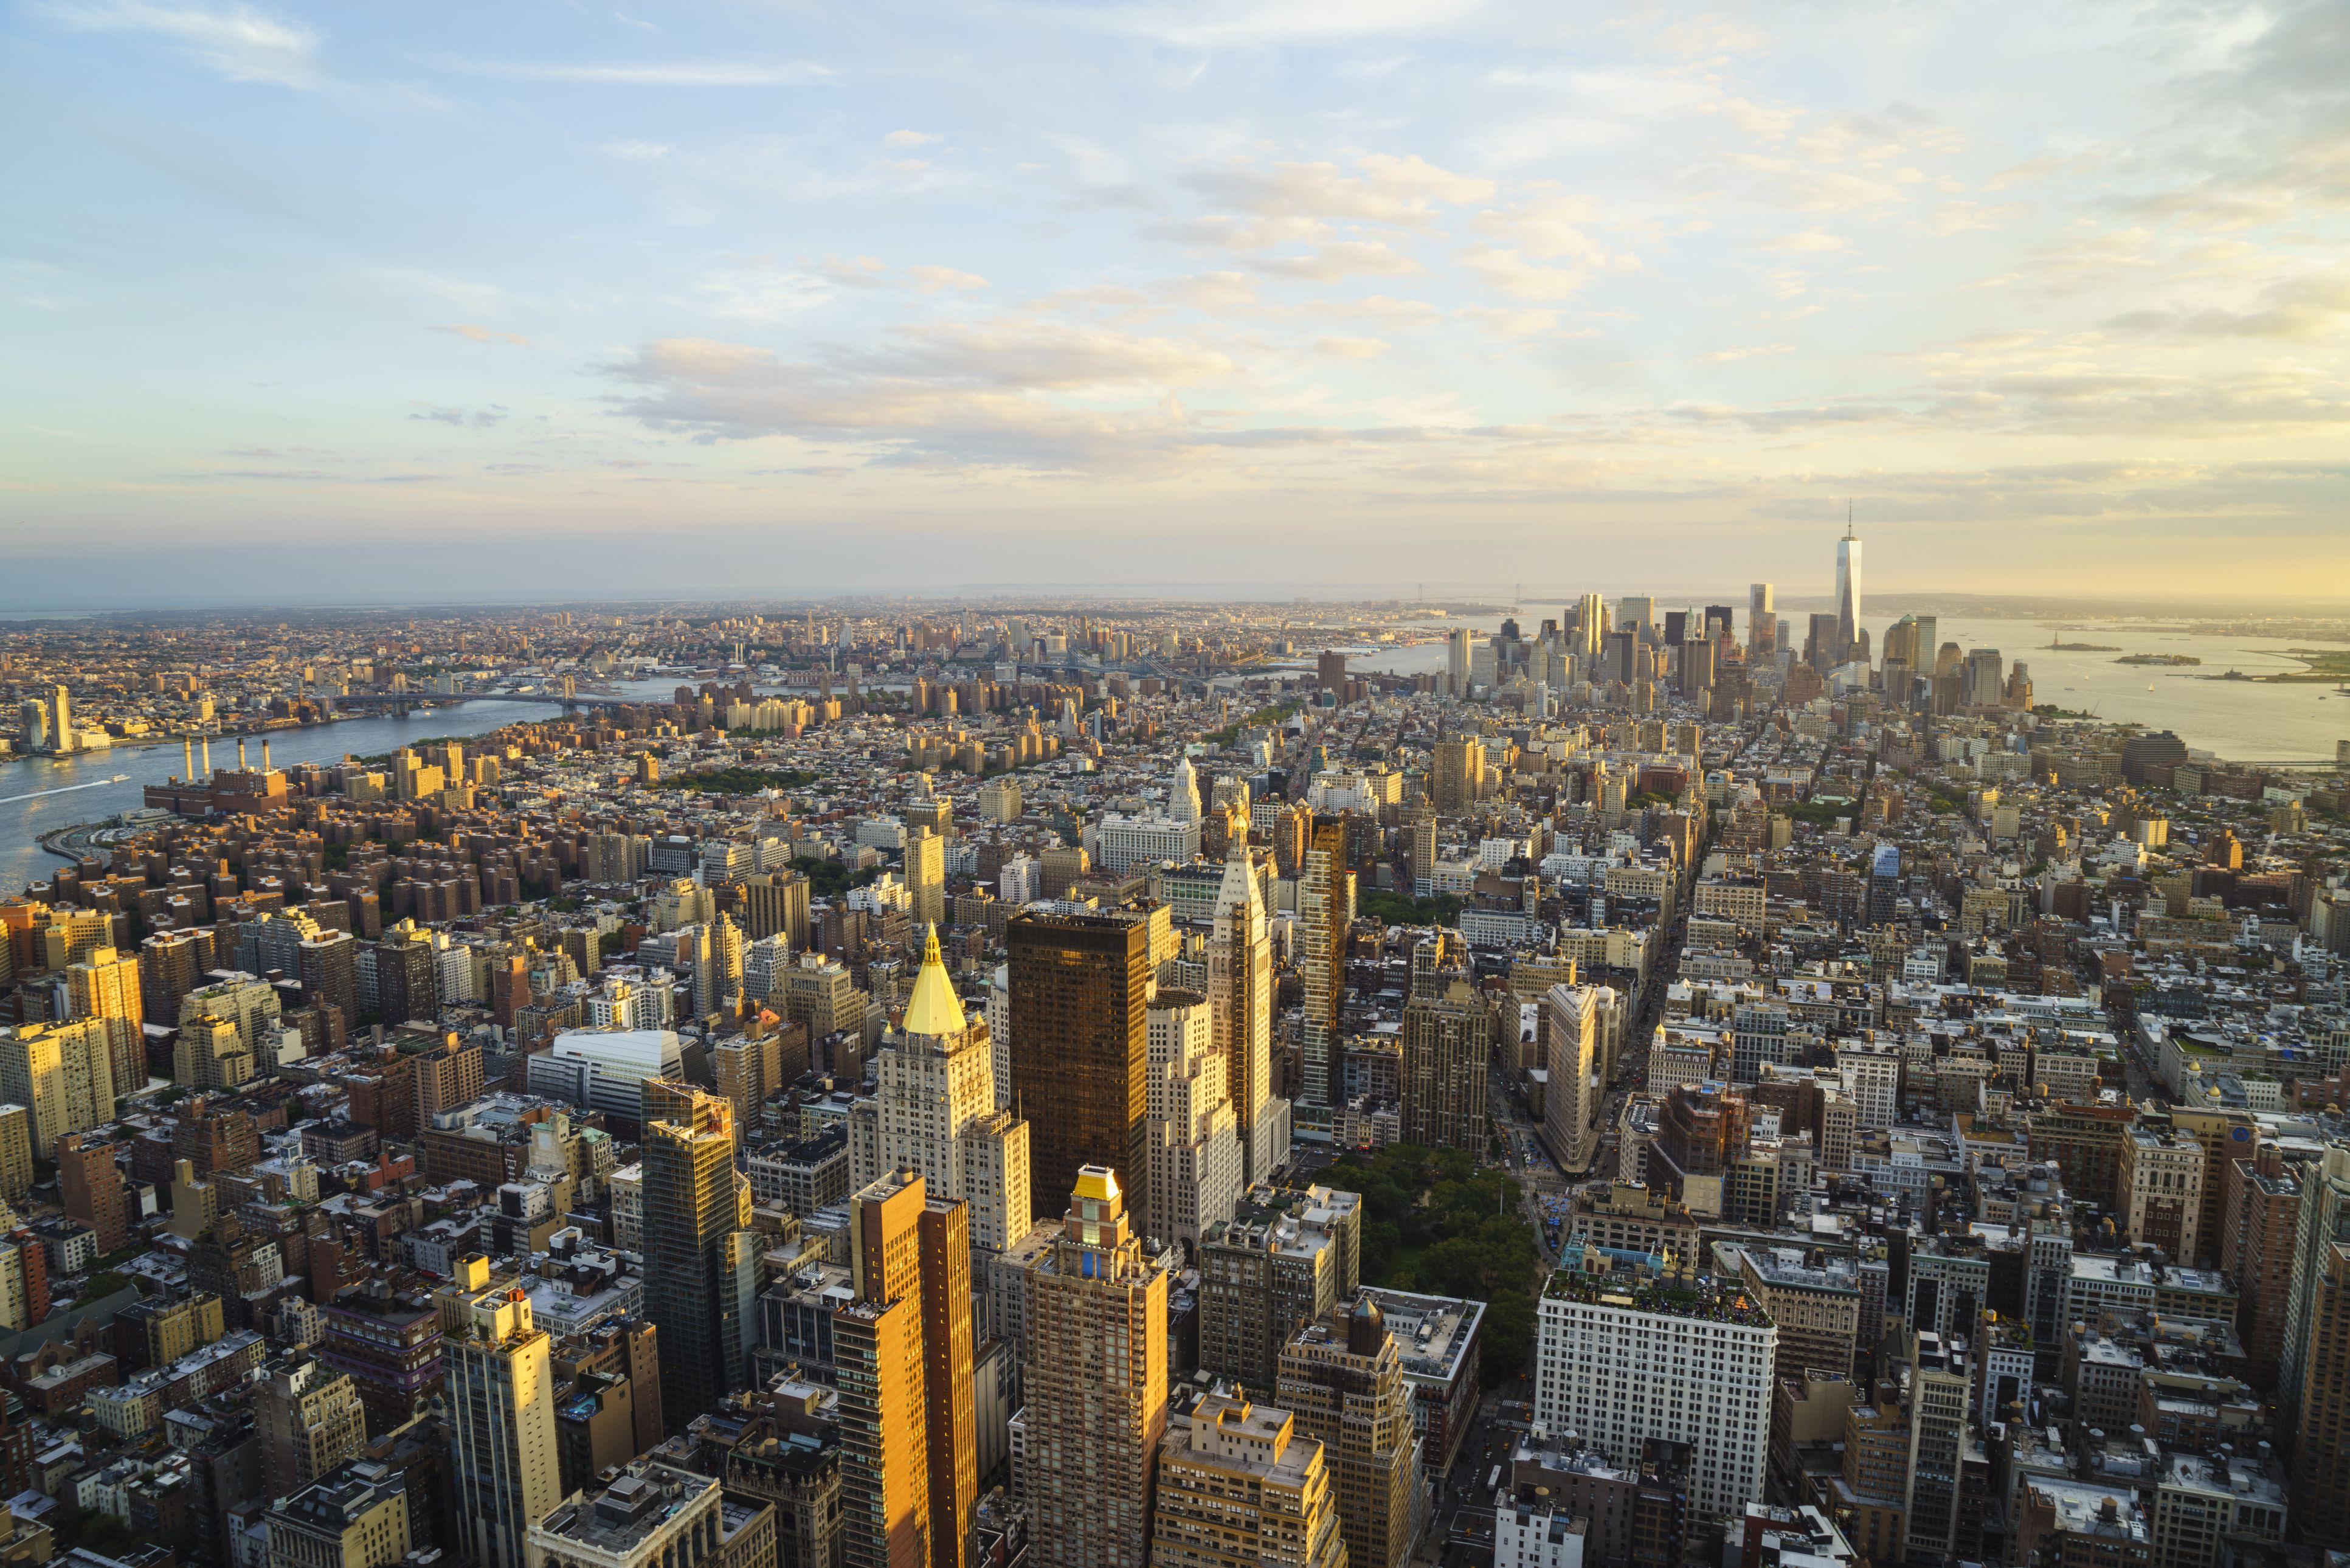 New York City Museen Mit Eintritt kostenlos oder verbilligt